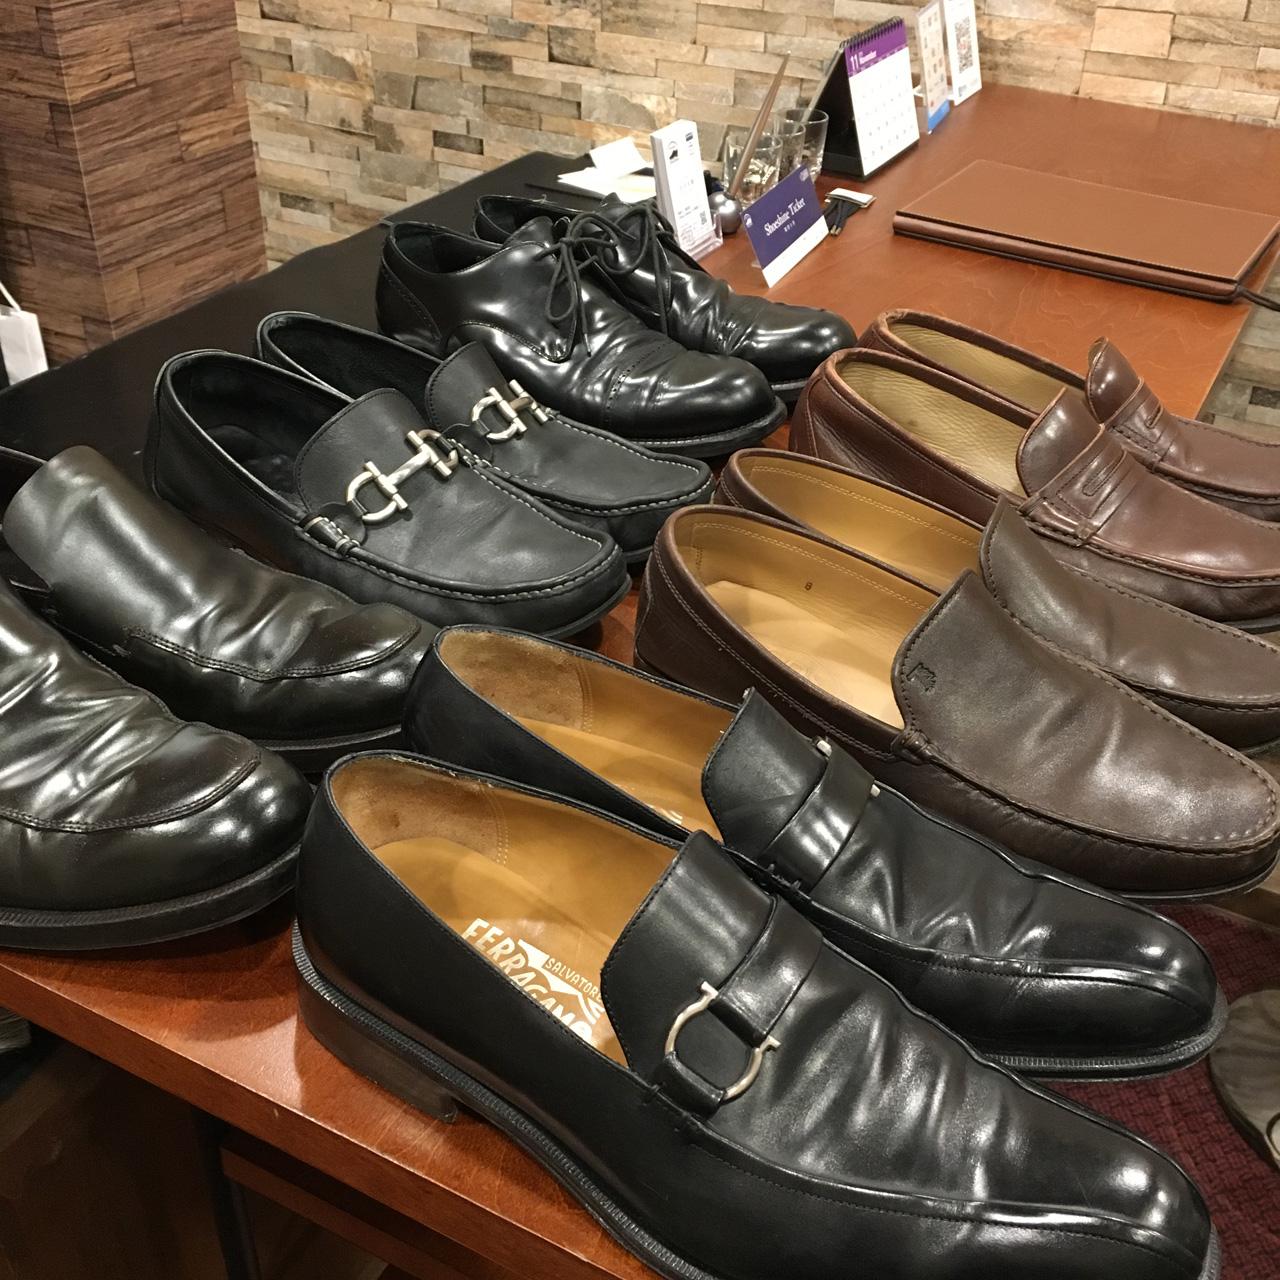 郵送靴磨きサービスも承ります